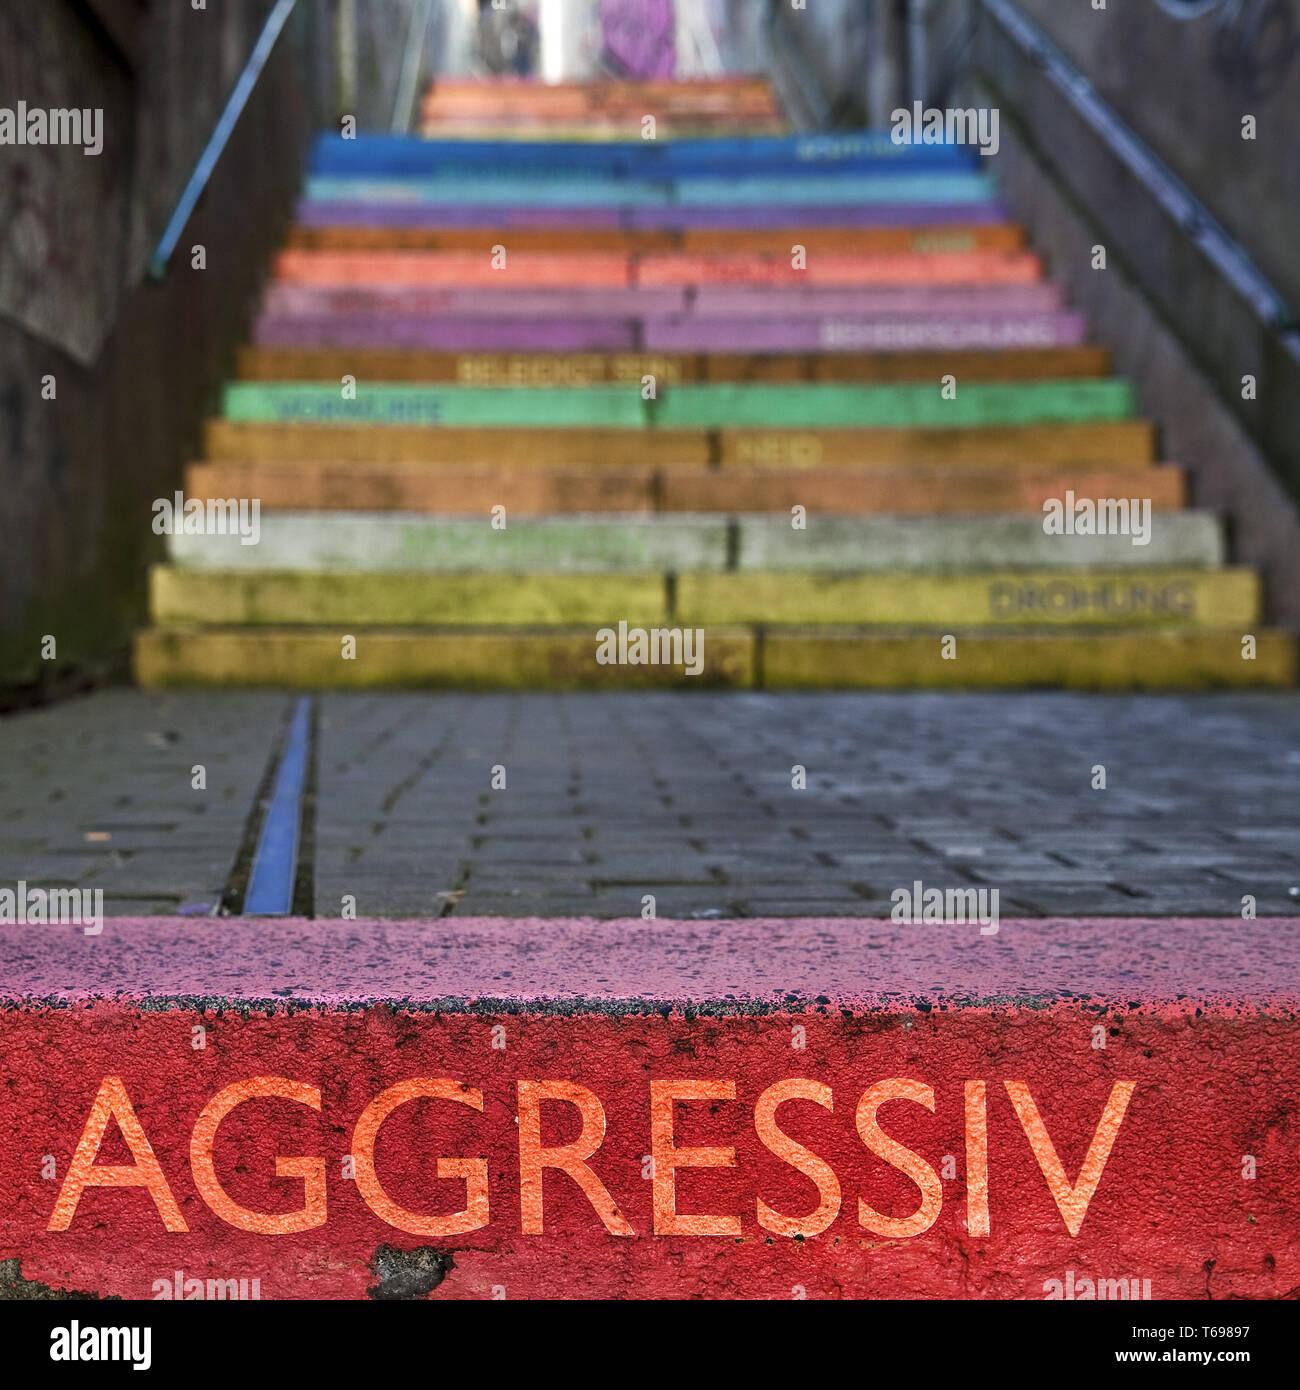 La palabra agresiva en el colorido perron, Scala, Holsteiner Treppe, Wuppertal, Alemania Imagen De Stock